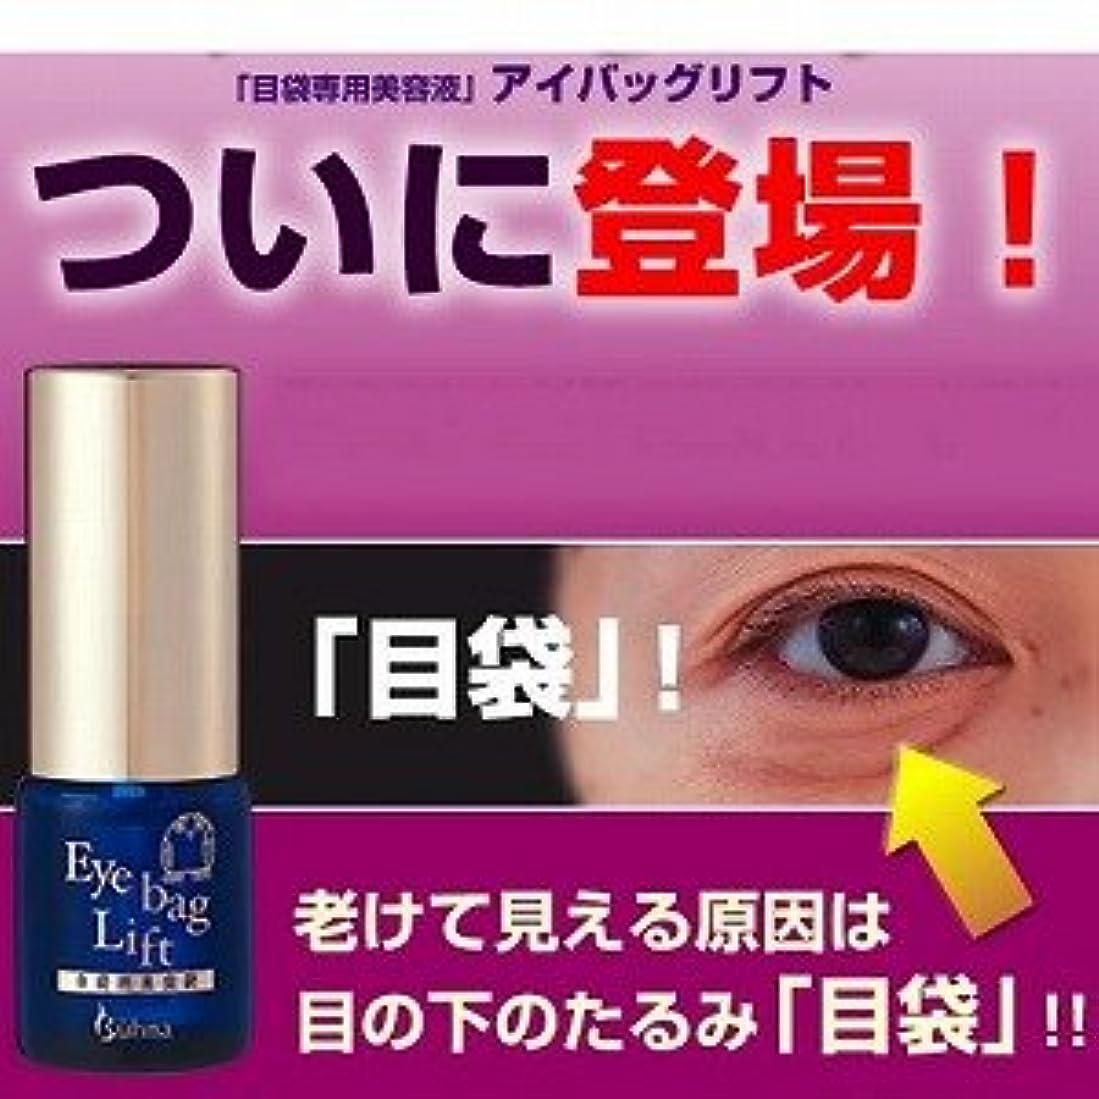 知恵十分ではない弁護人老けて見える原因は、目元、目の下のたるみ「目袋」『目袋専用美容液 アイバッグリフト』